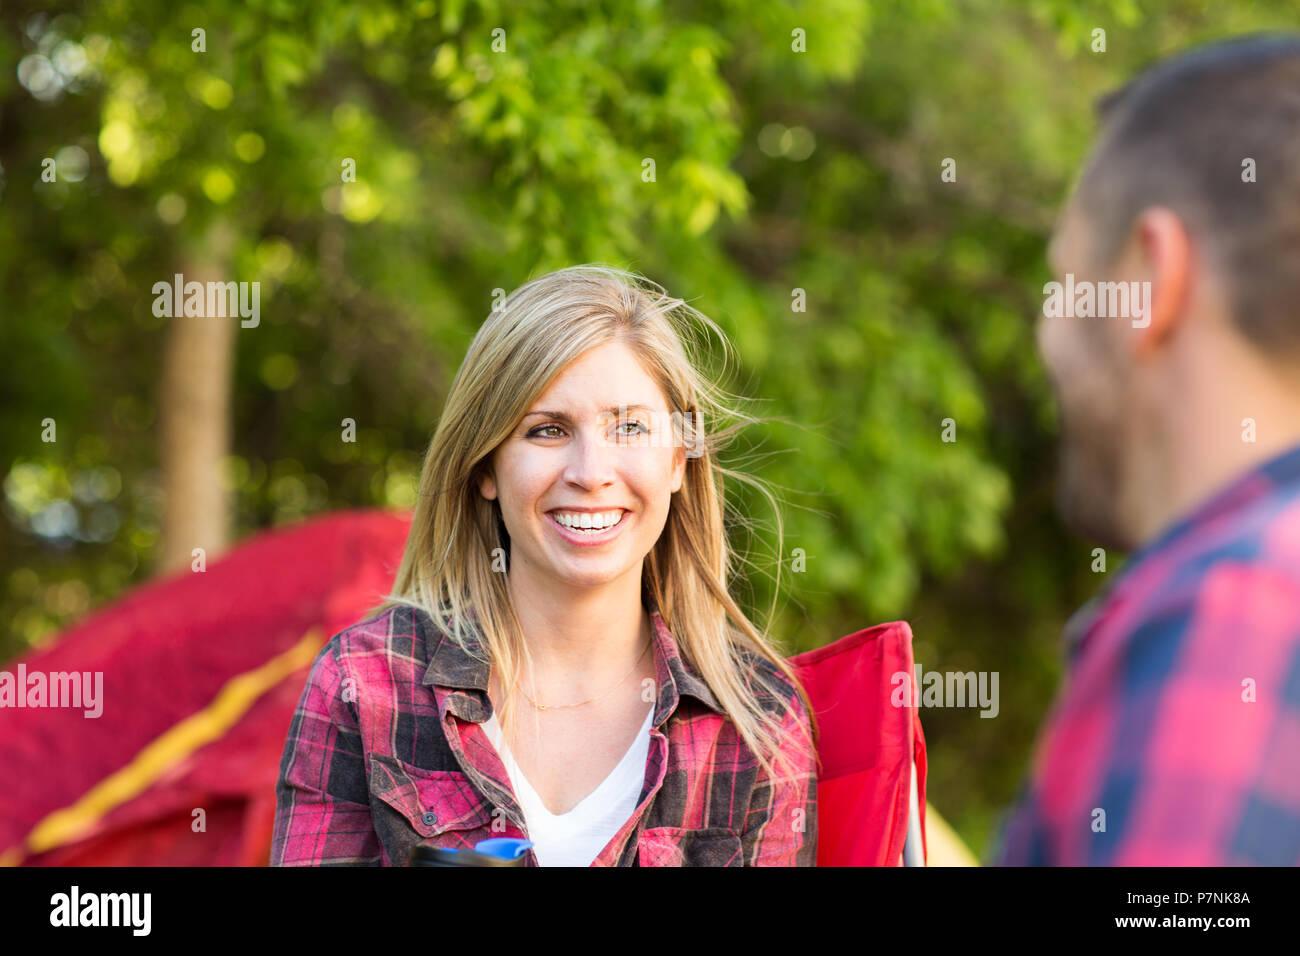 Par hablando y riéndose de camping. Imagen De Stock